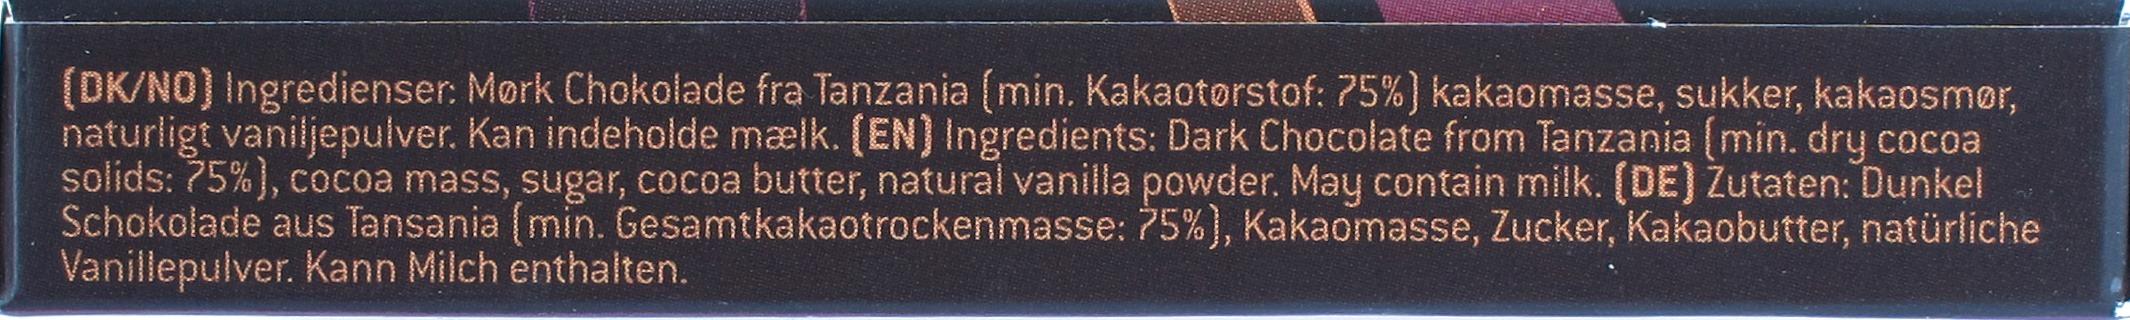 Konnerup 75% Tansania-Schokolade, Seite